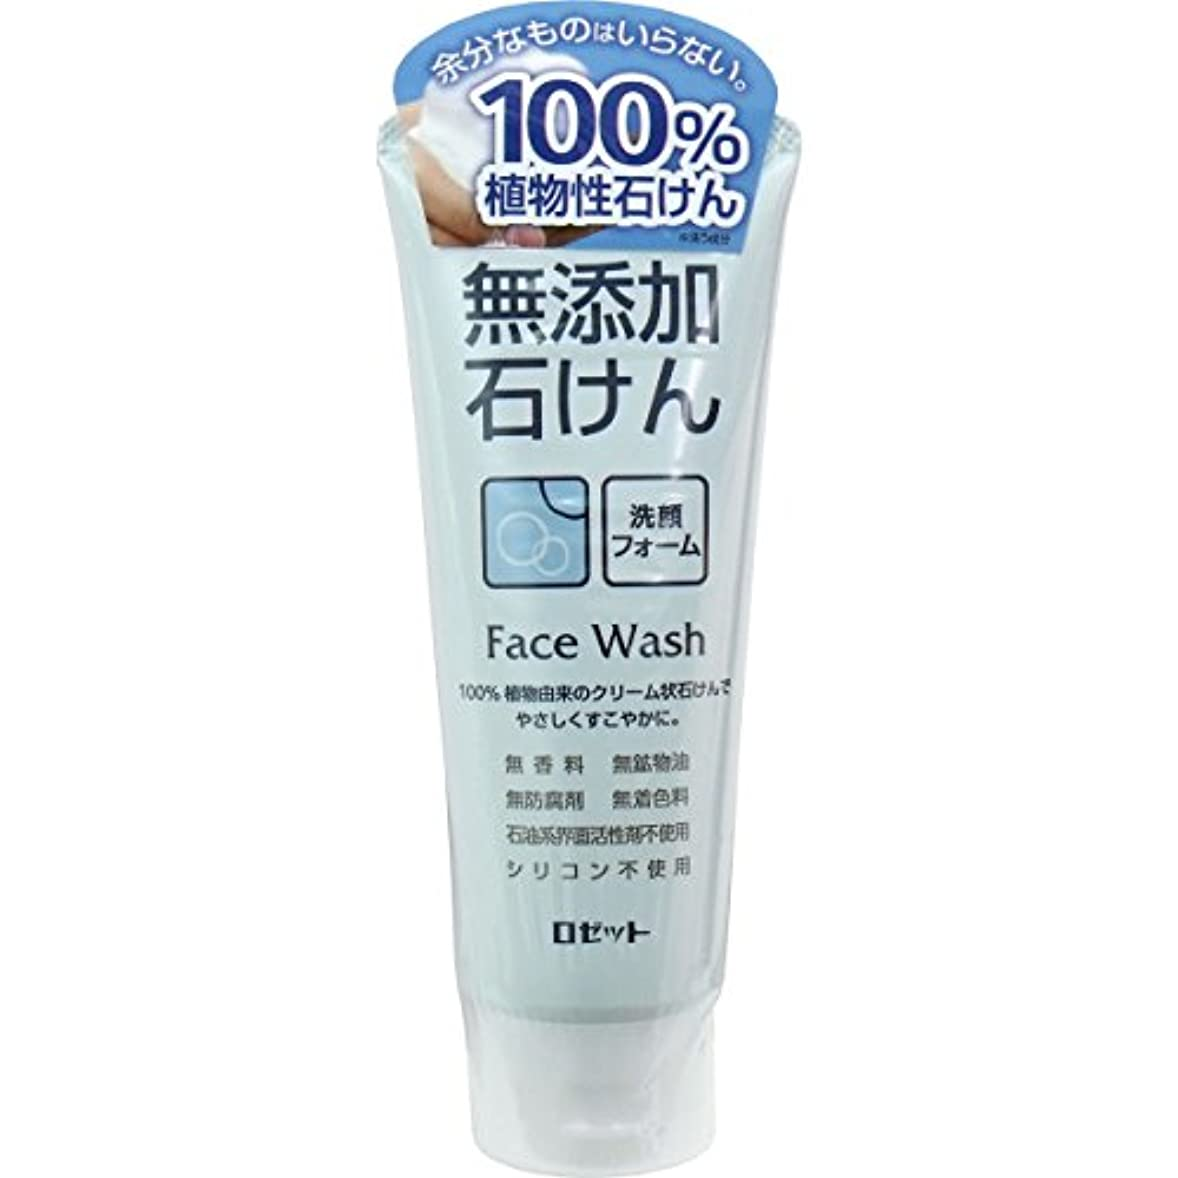 意味のあるクラックポット寛容【ロゼット】無添加石けん 洗顔フォーム 140g ×3個セット